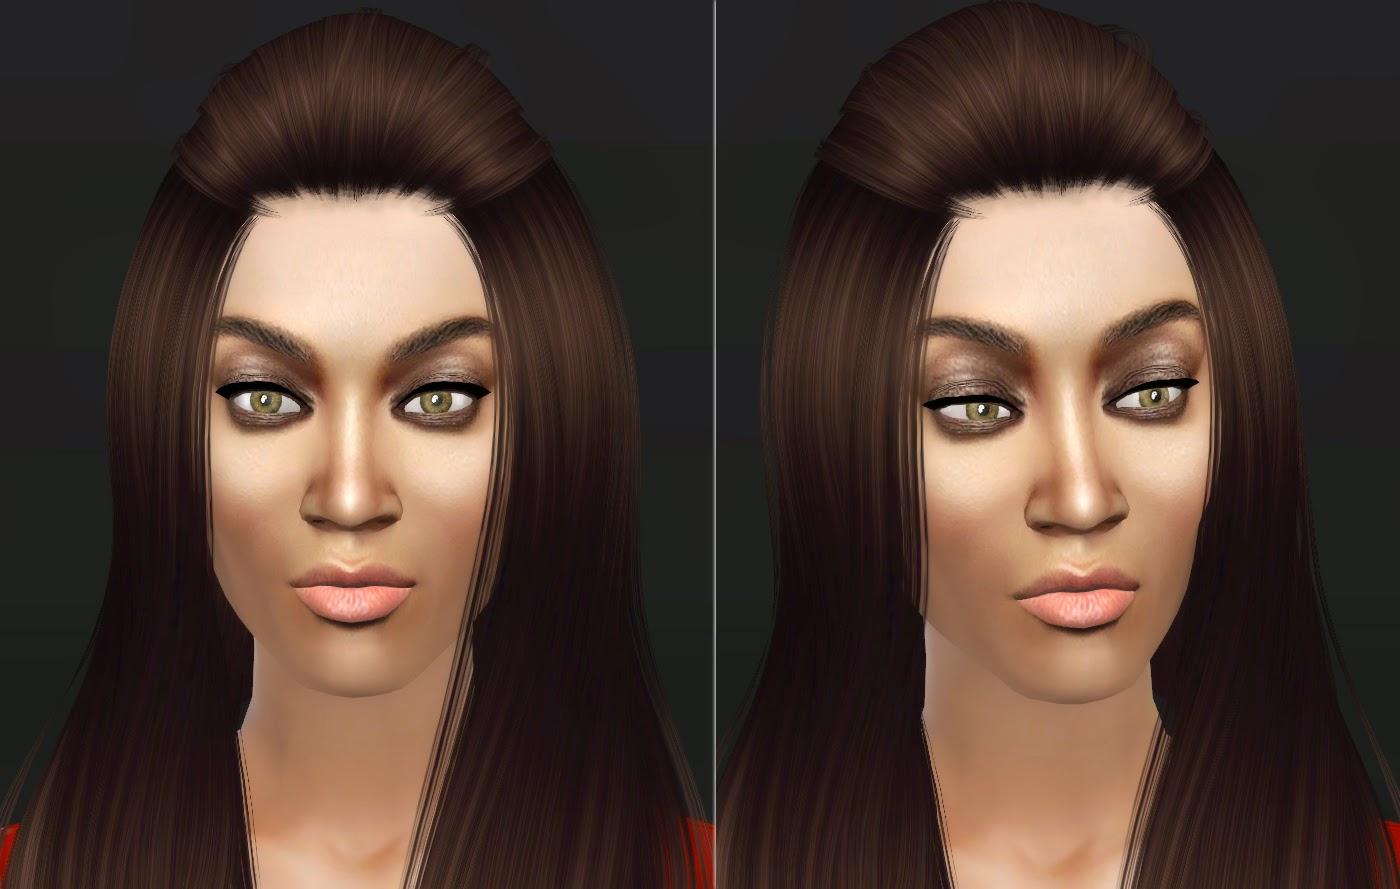 lunararc sims : tyra banks - the smize queen